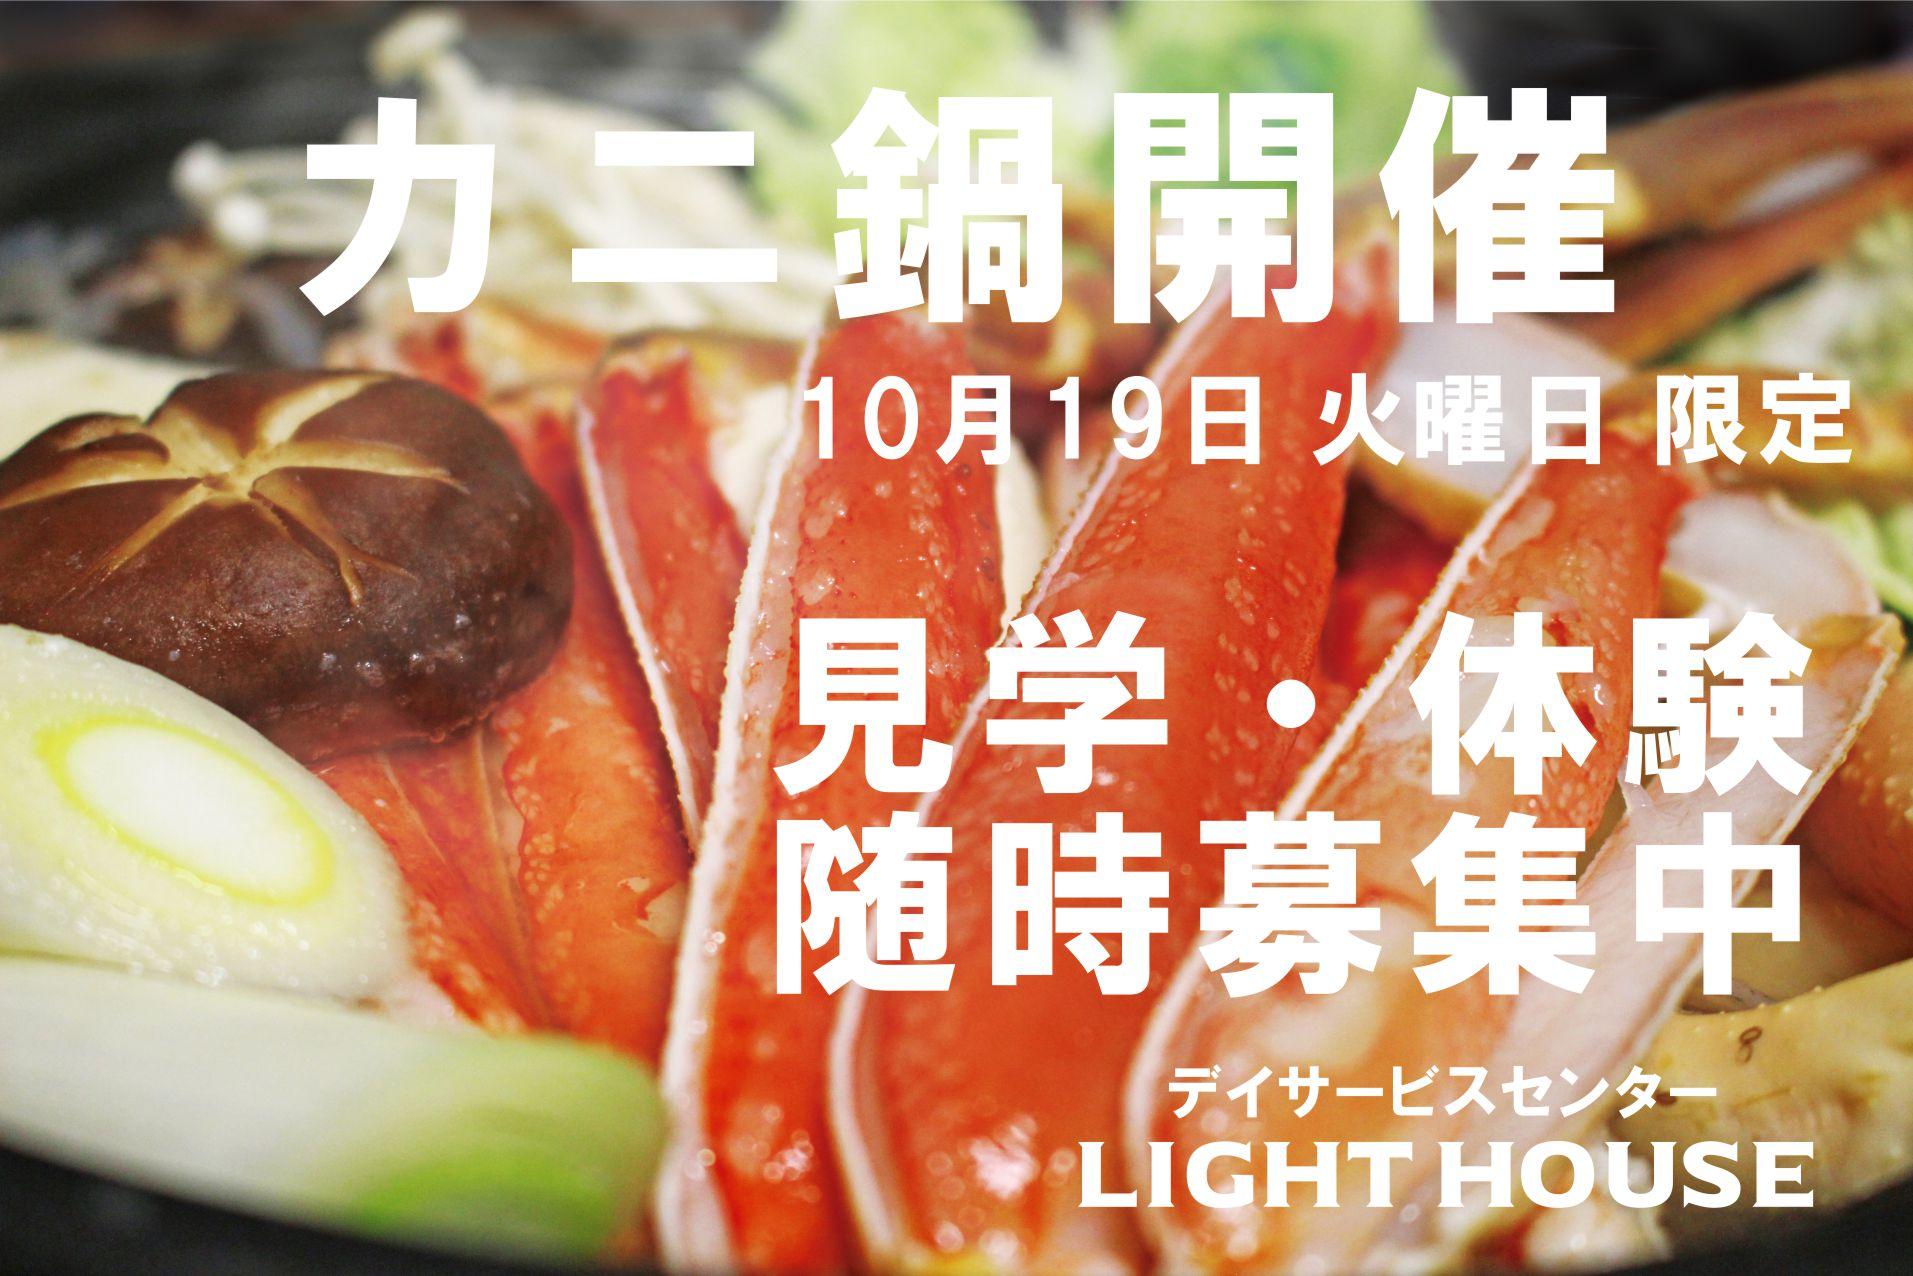 デイサービスセンターライトハウス 10/19火曜日 【みなさんと一緒に蟹鍋開催】当日限定💖